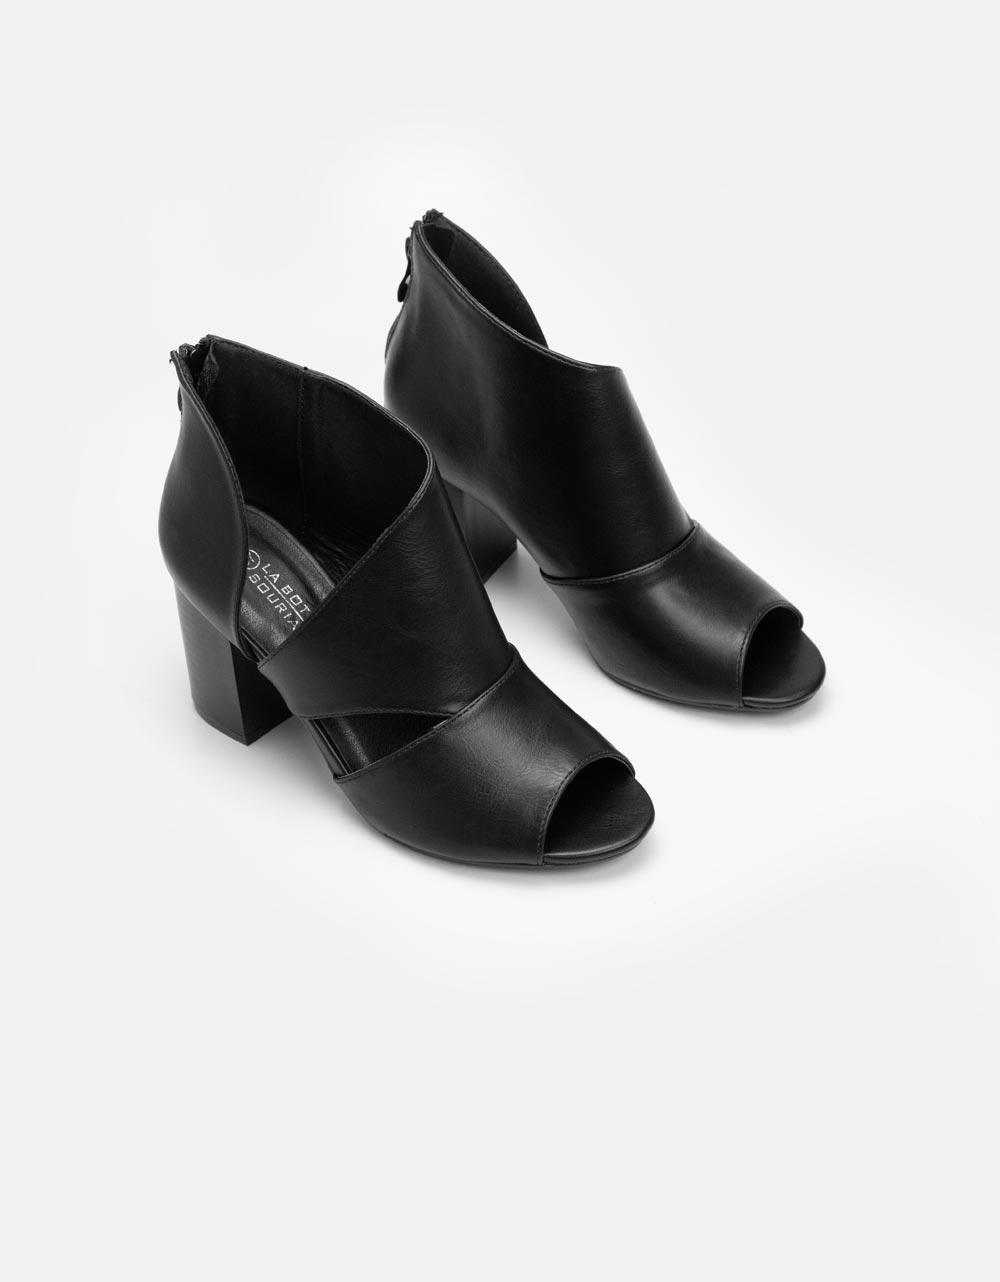 Εικόνα από Γυναικεία μποτάκια peep toe με πλαϊνό άνοιγμα Μαύρο